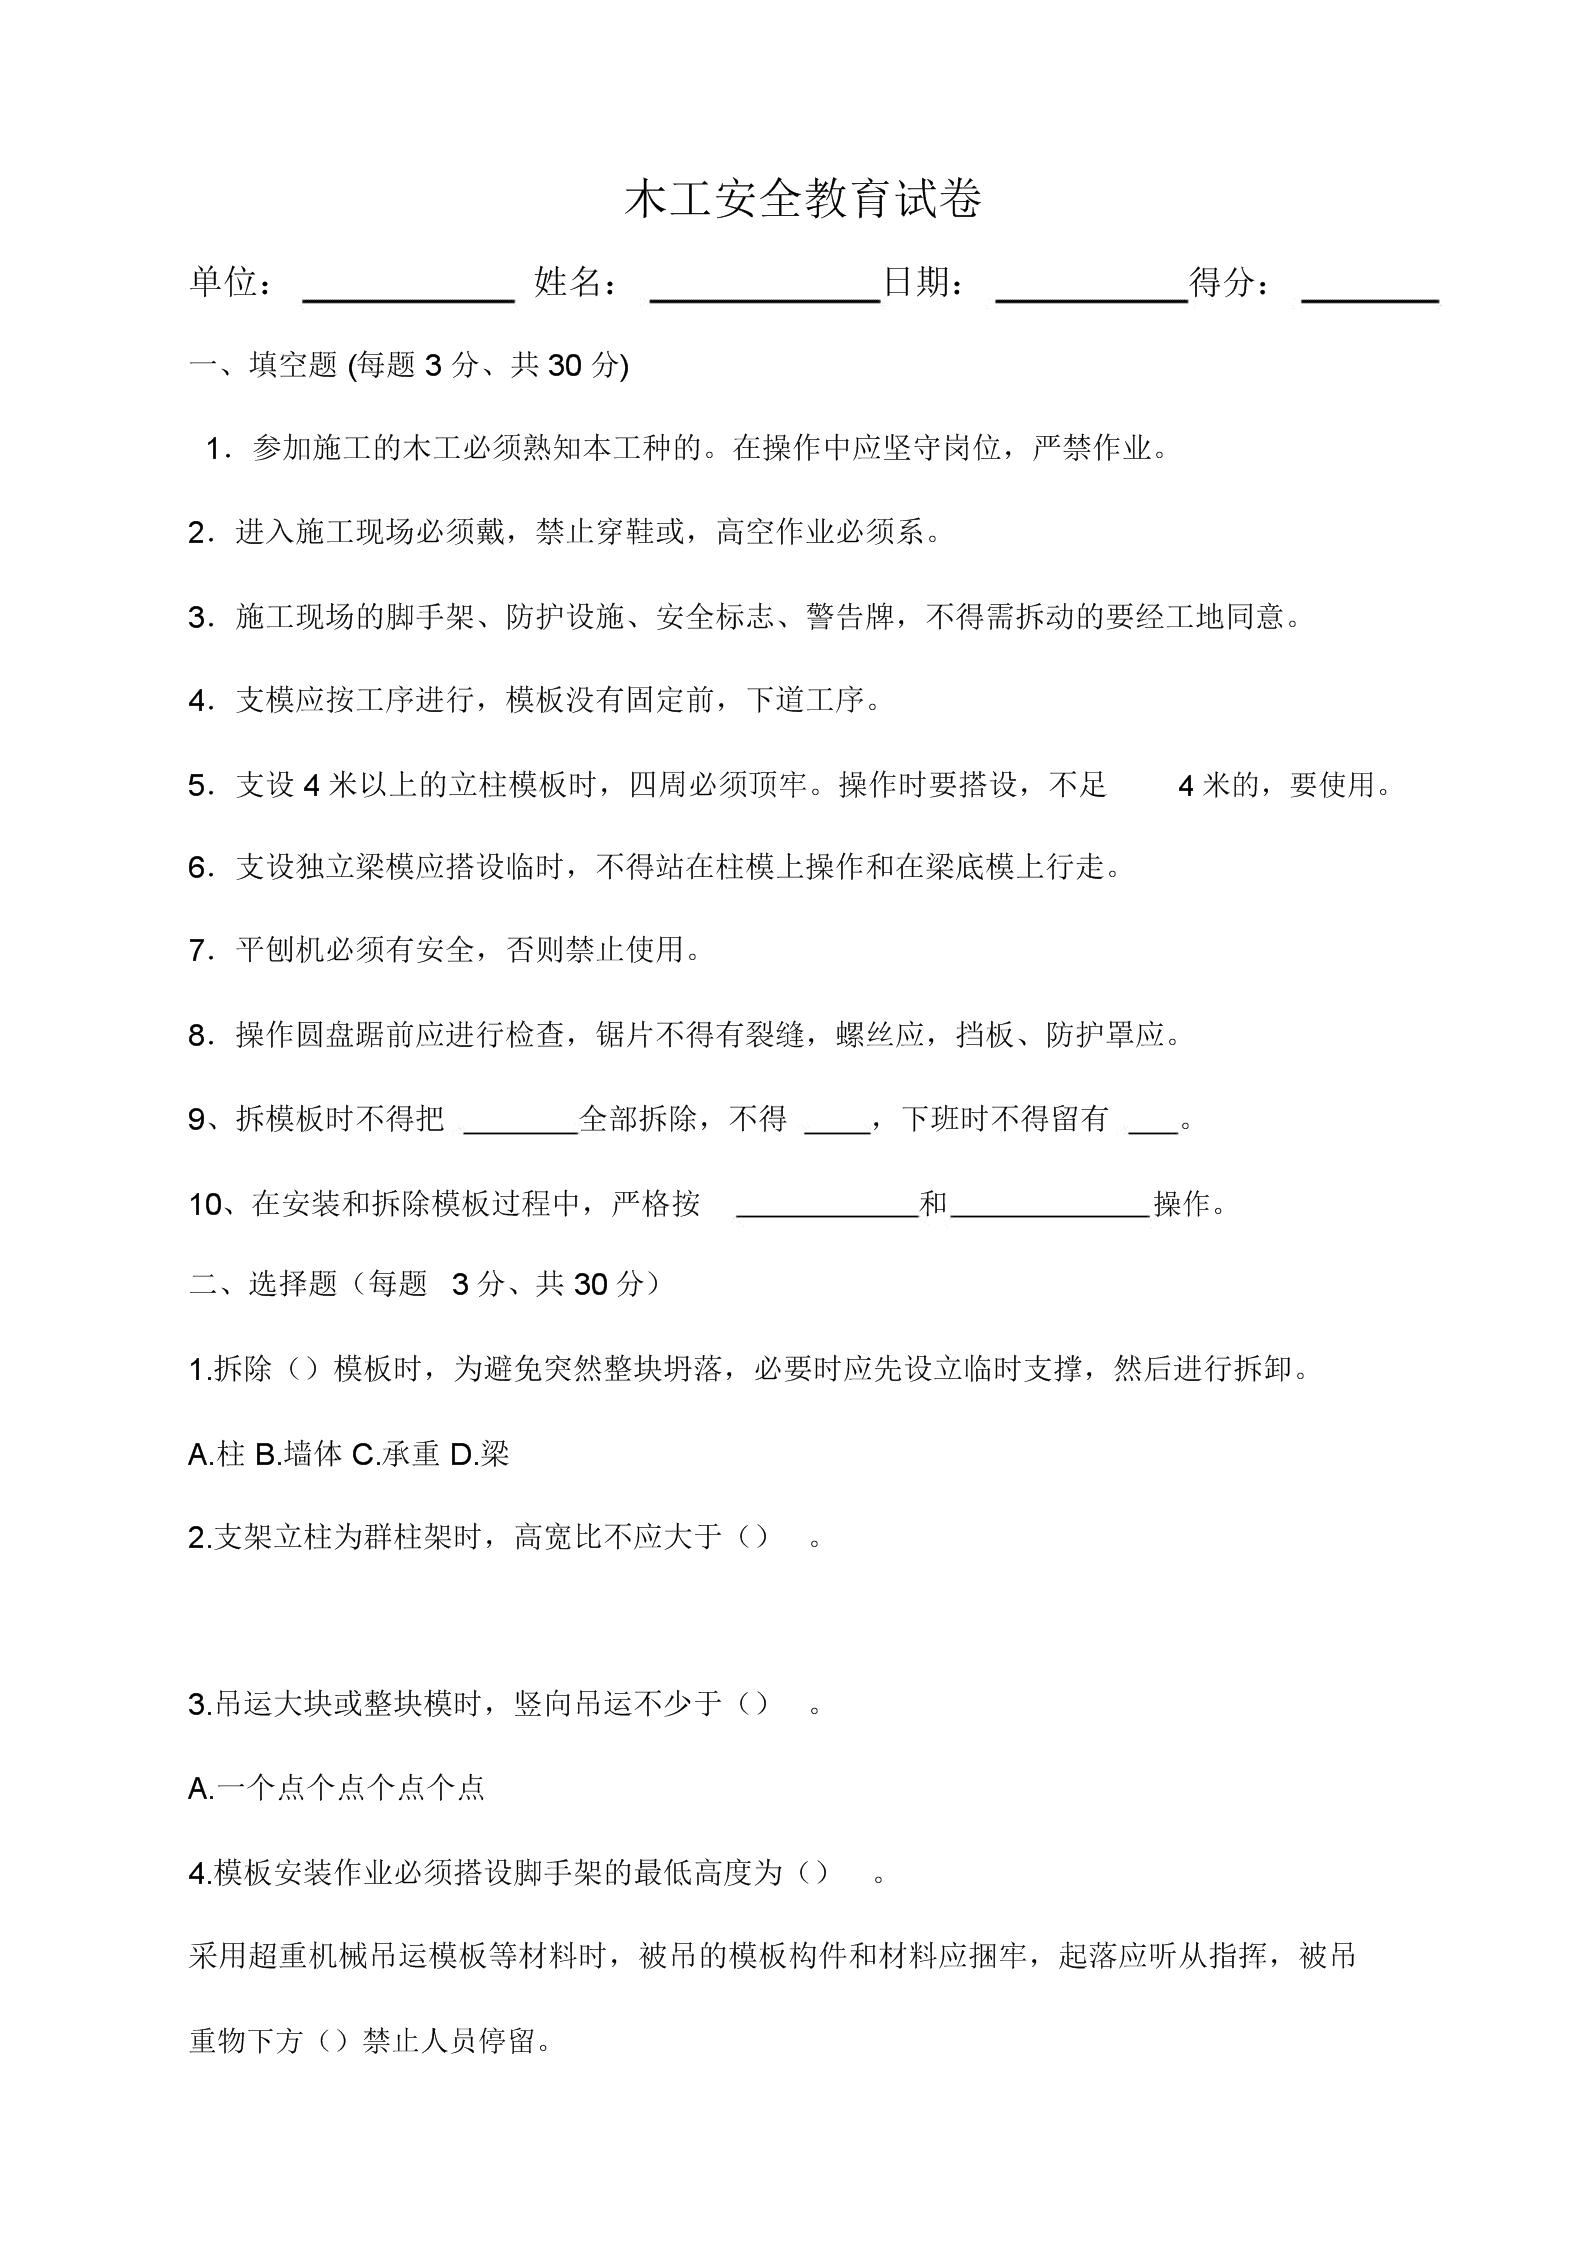 木工安全教育试卷及答案.docx